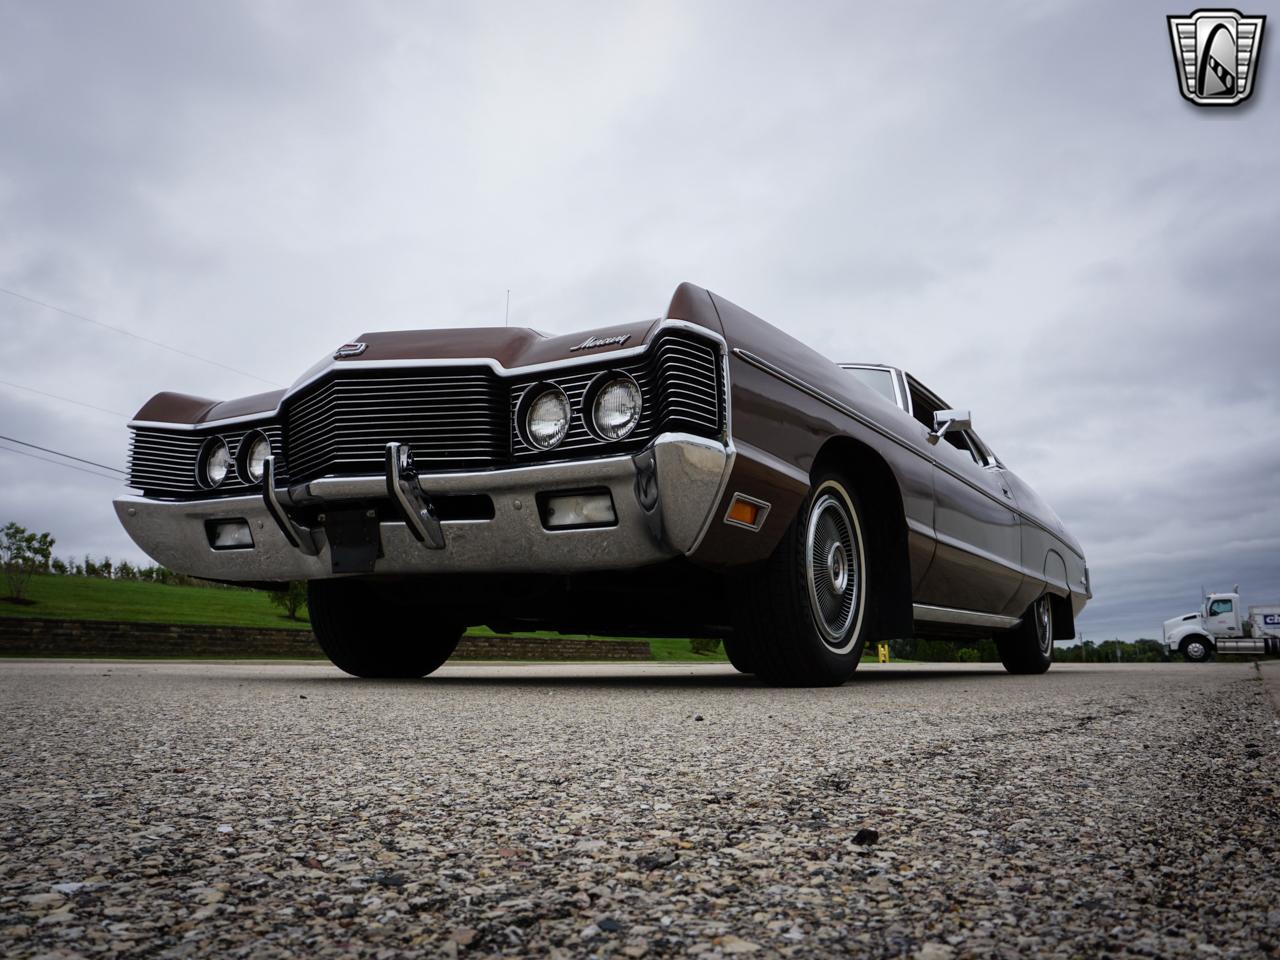 1971 Mercury Monterey 4